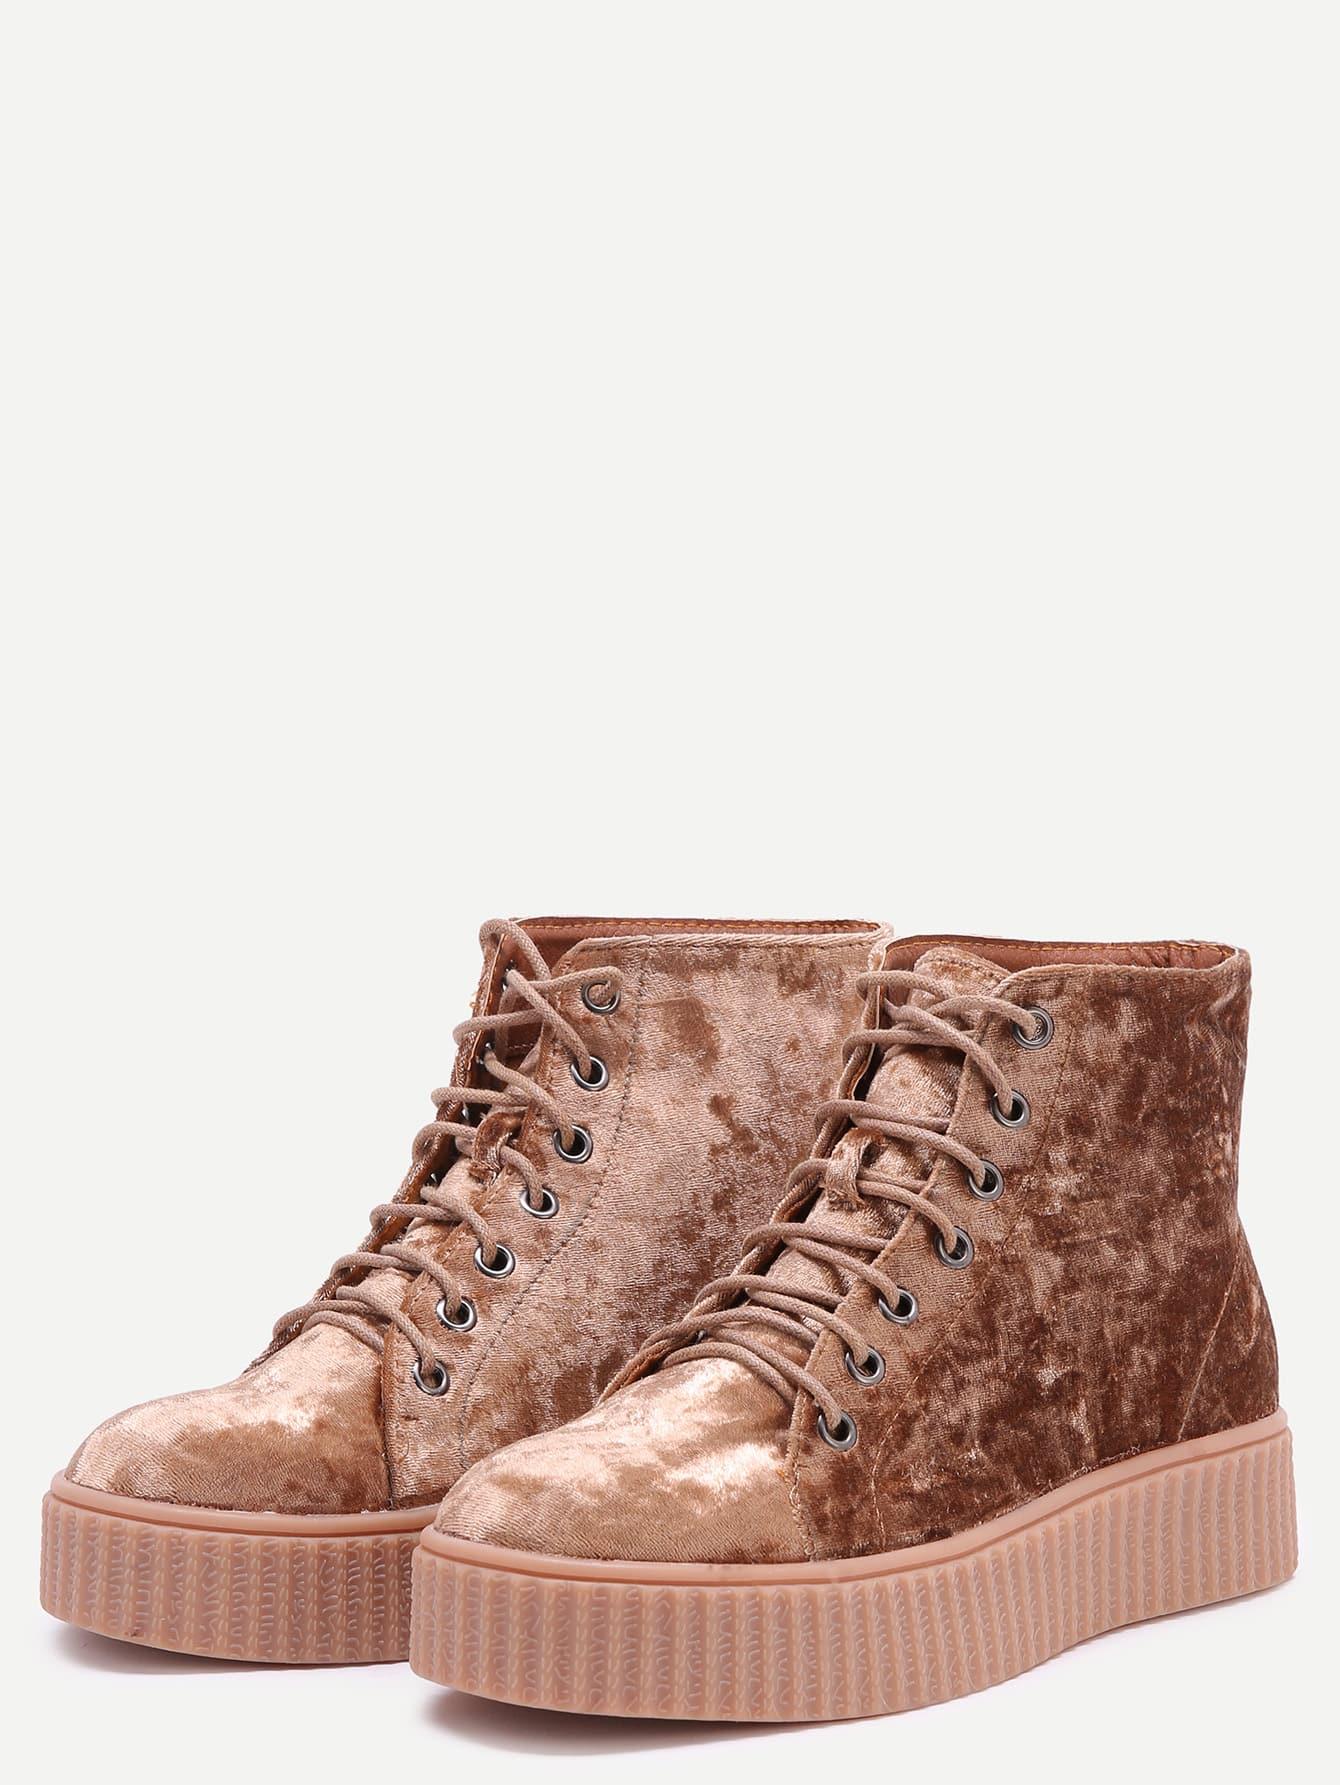 shoes161104801_2